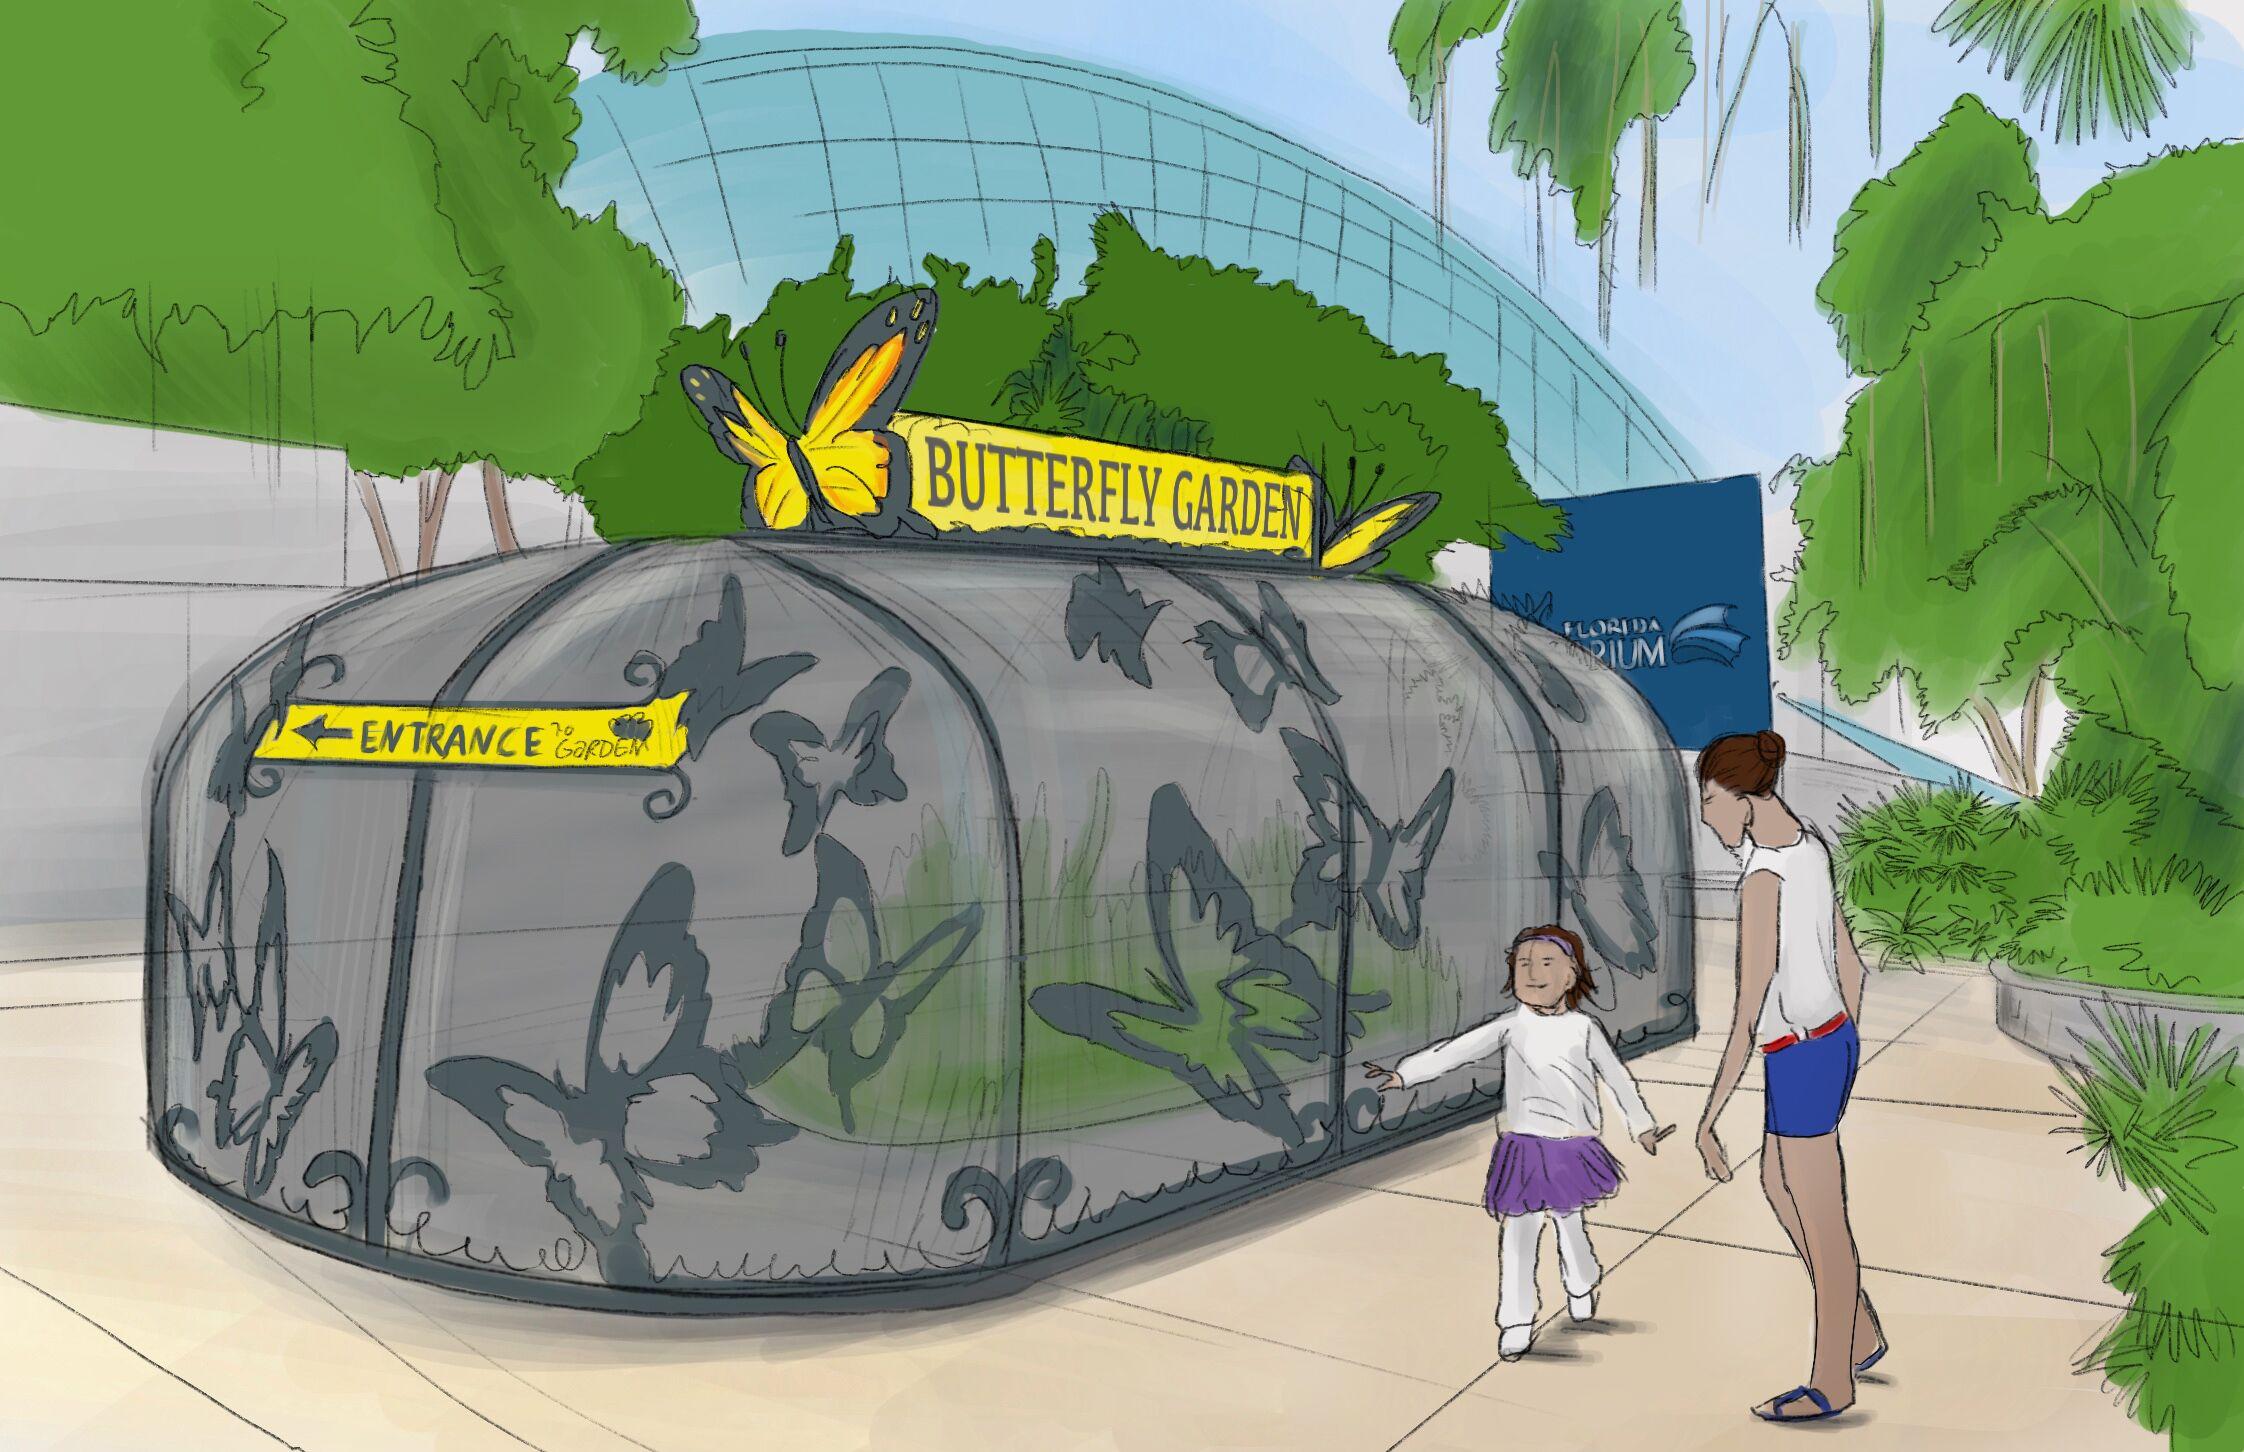 Butterfly Garden rendering